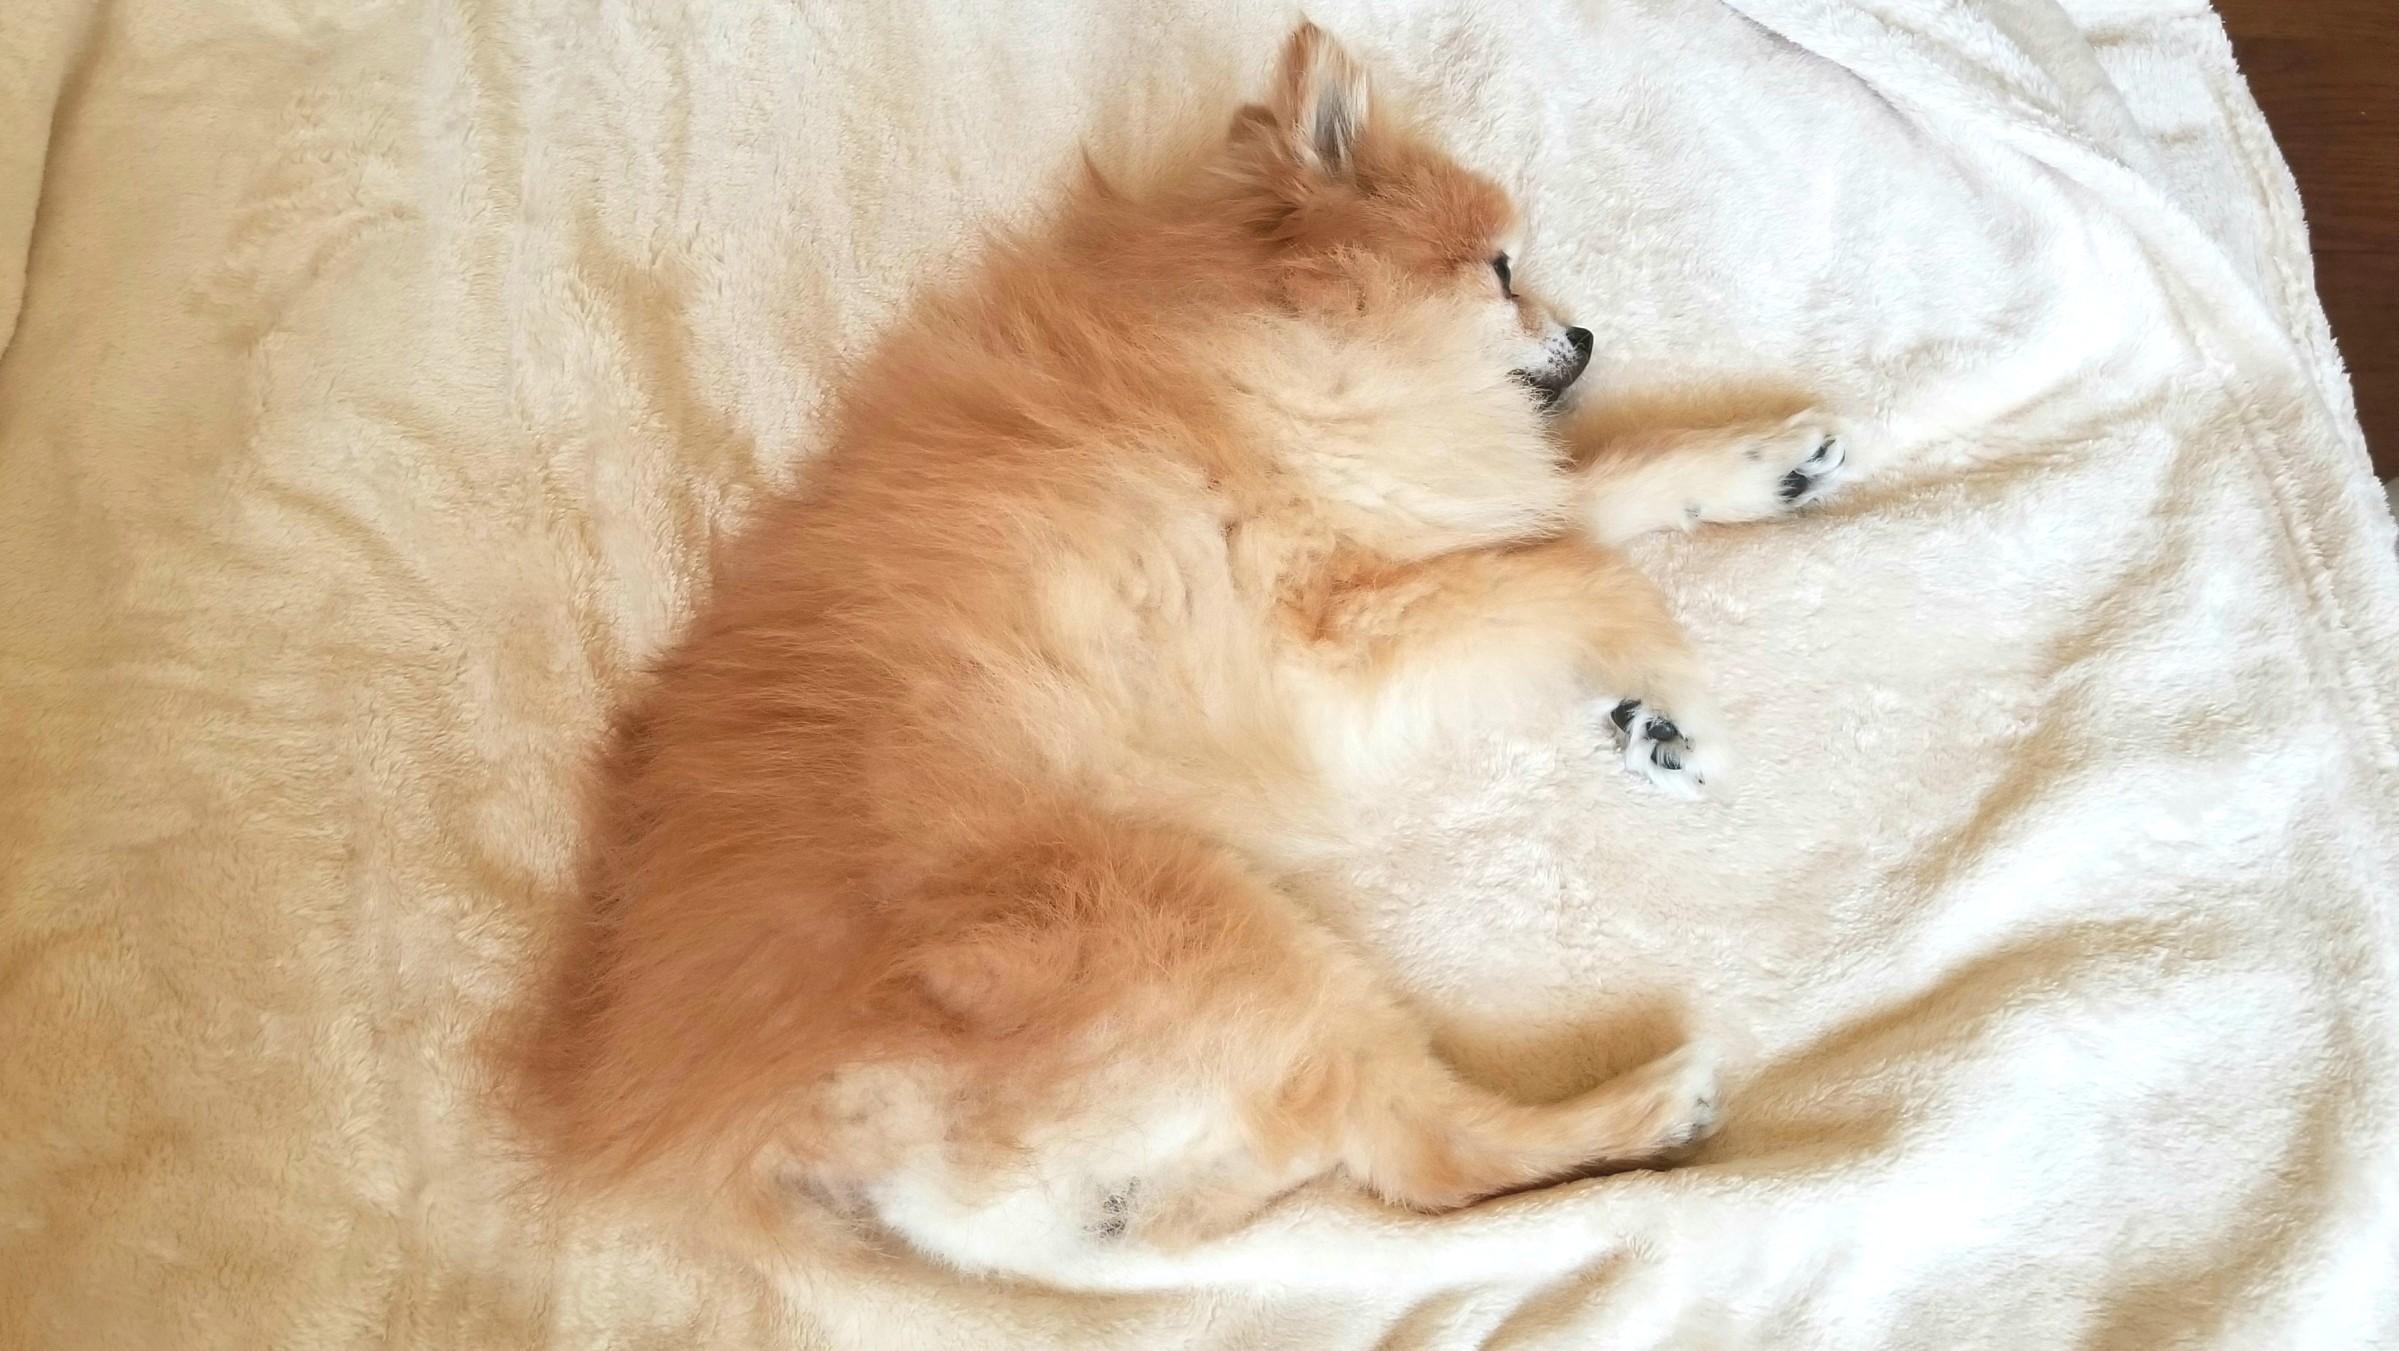 愛犬家,ペット,ポメラニアン,友達からプレゼント,食欲不振,可愛い